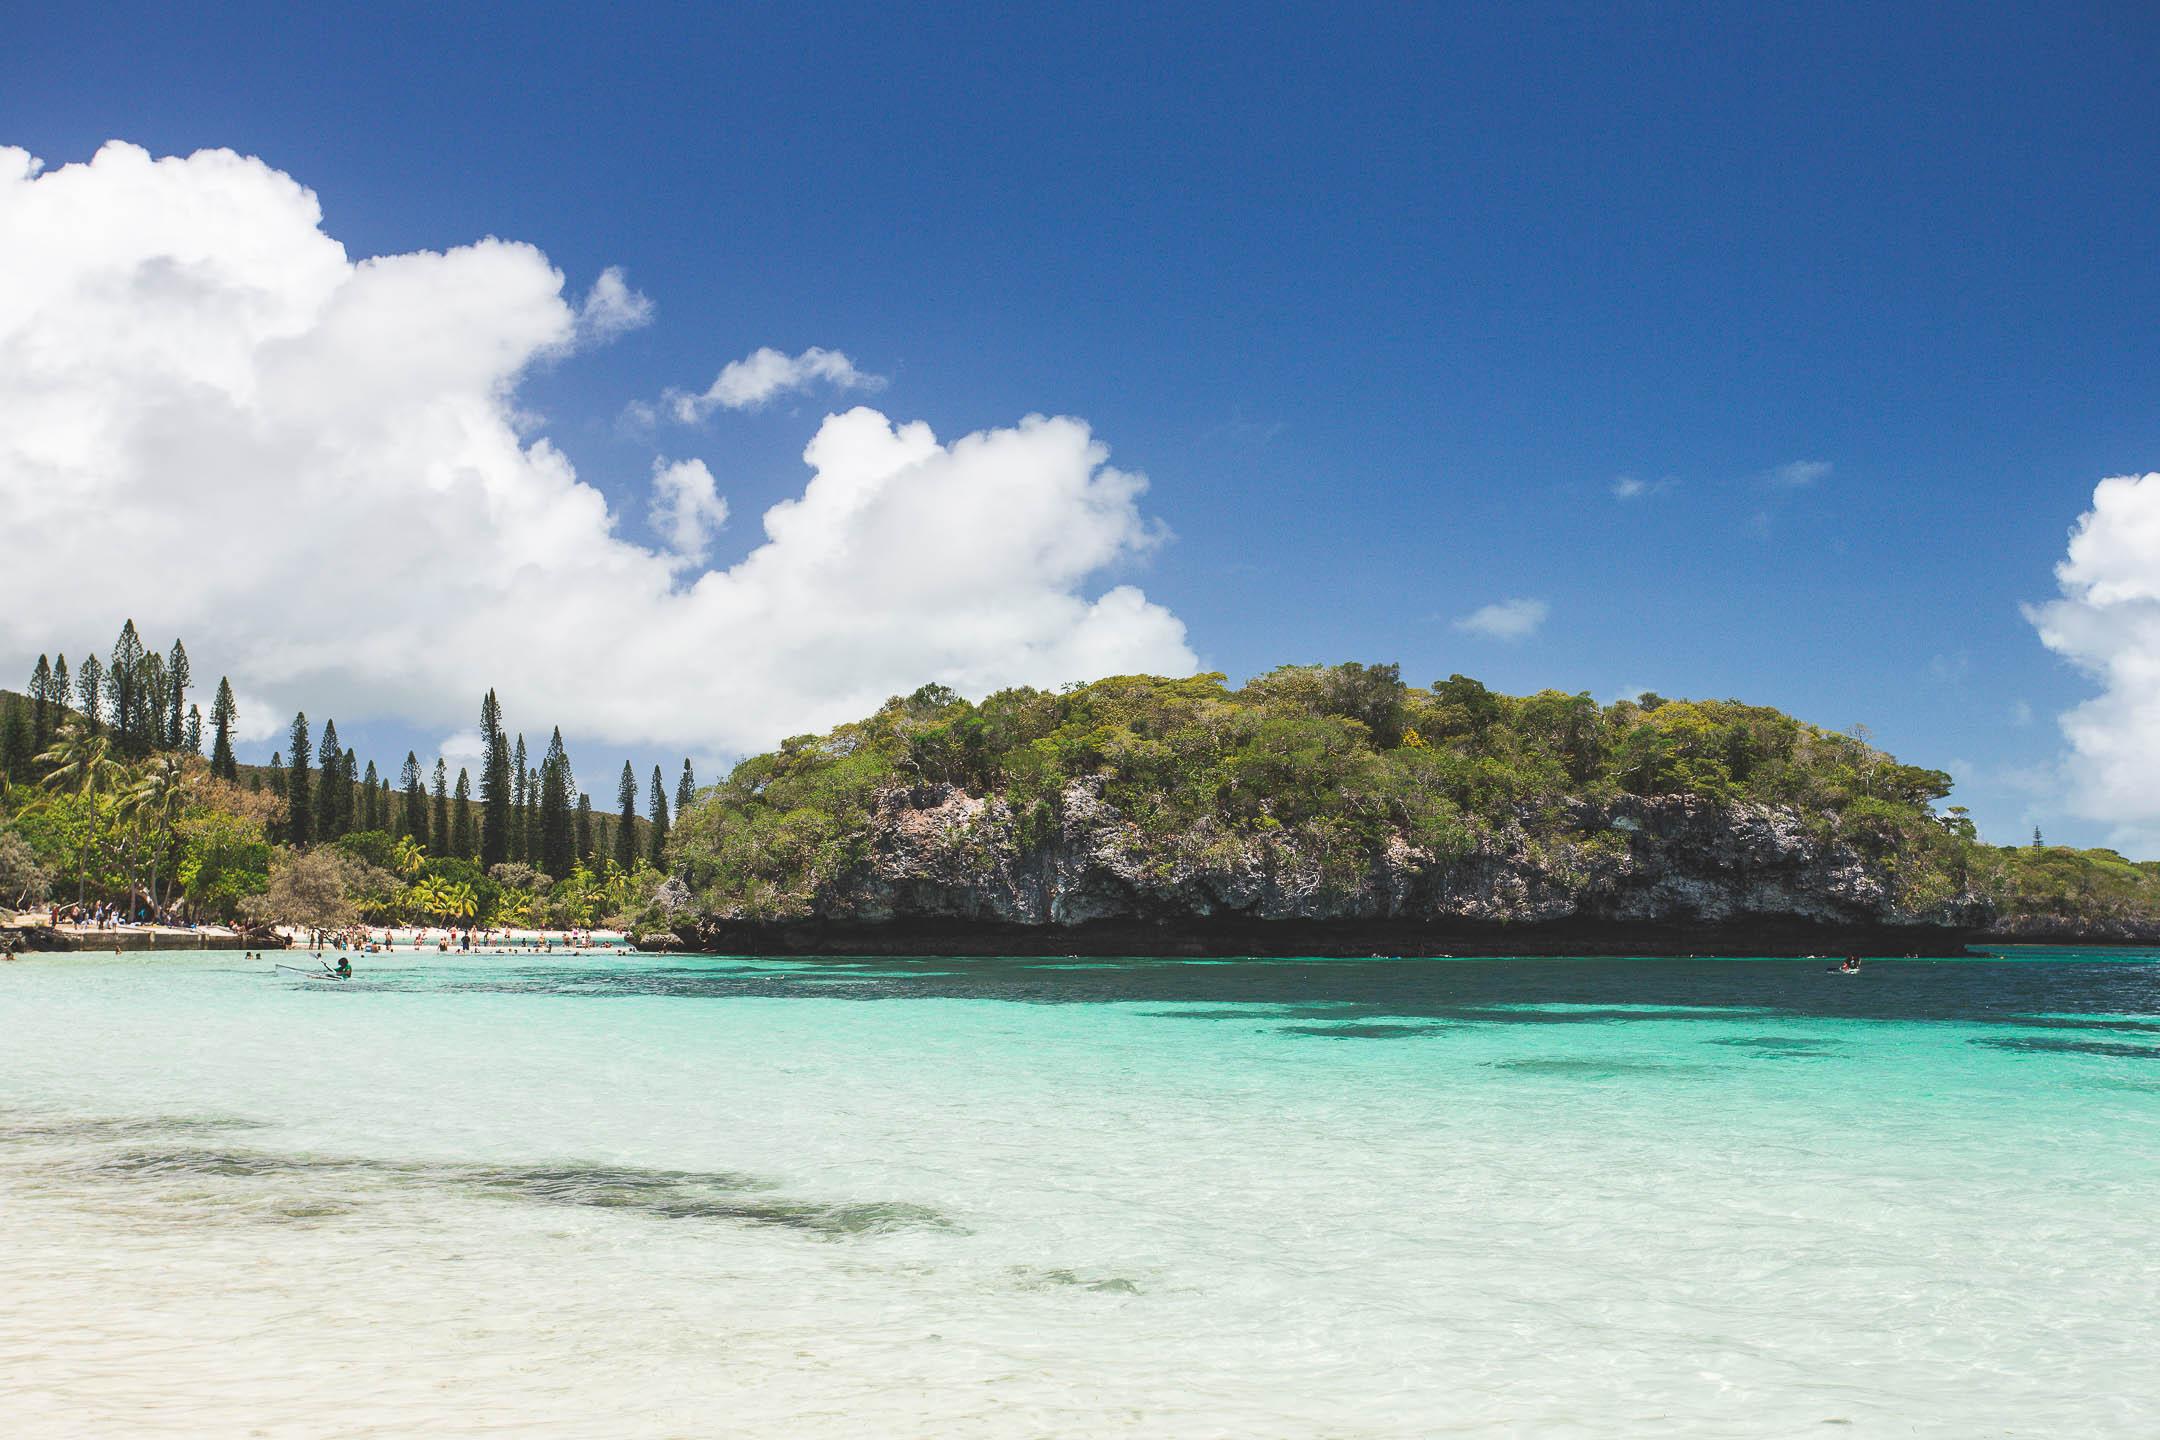 La baie de Kanumera de l'île des Pins